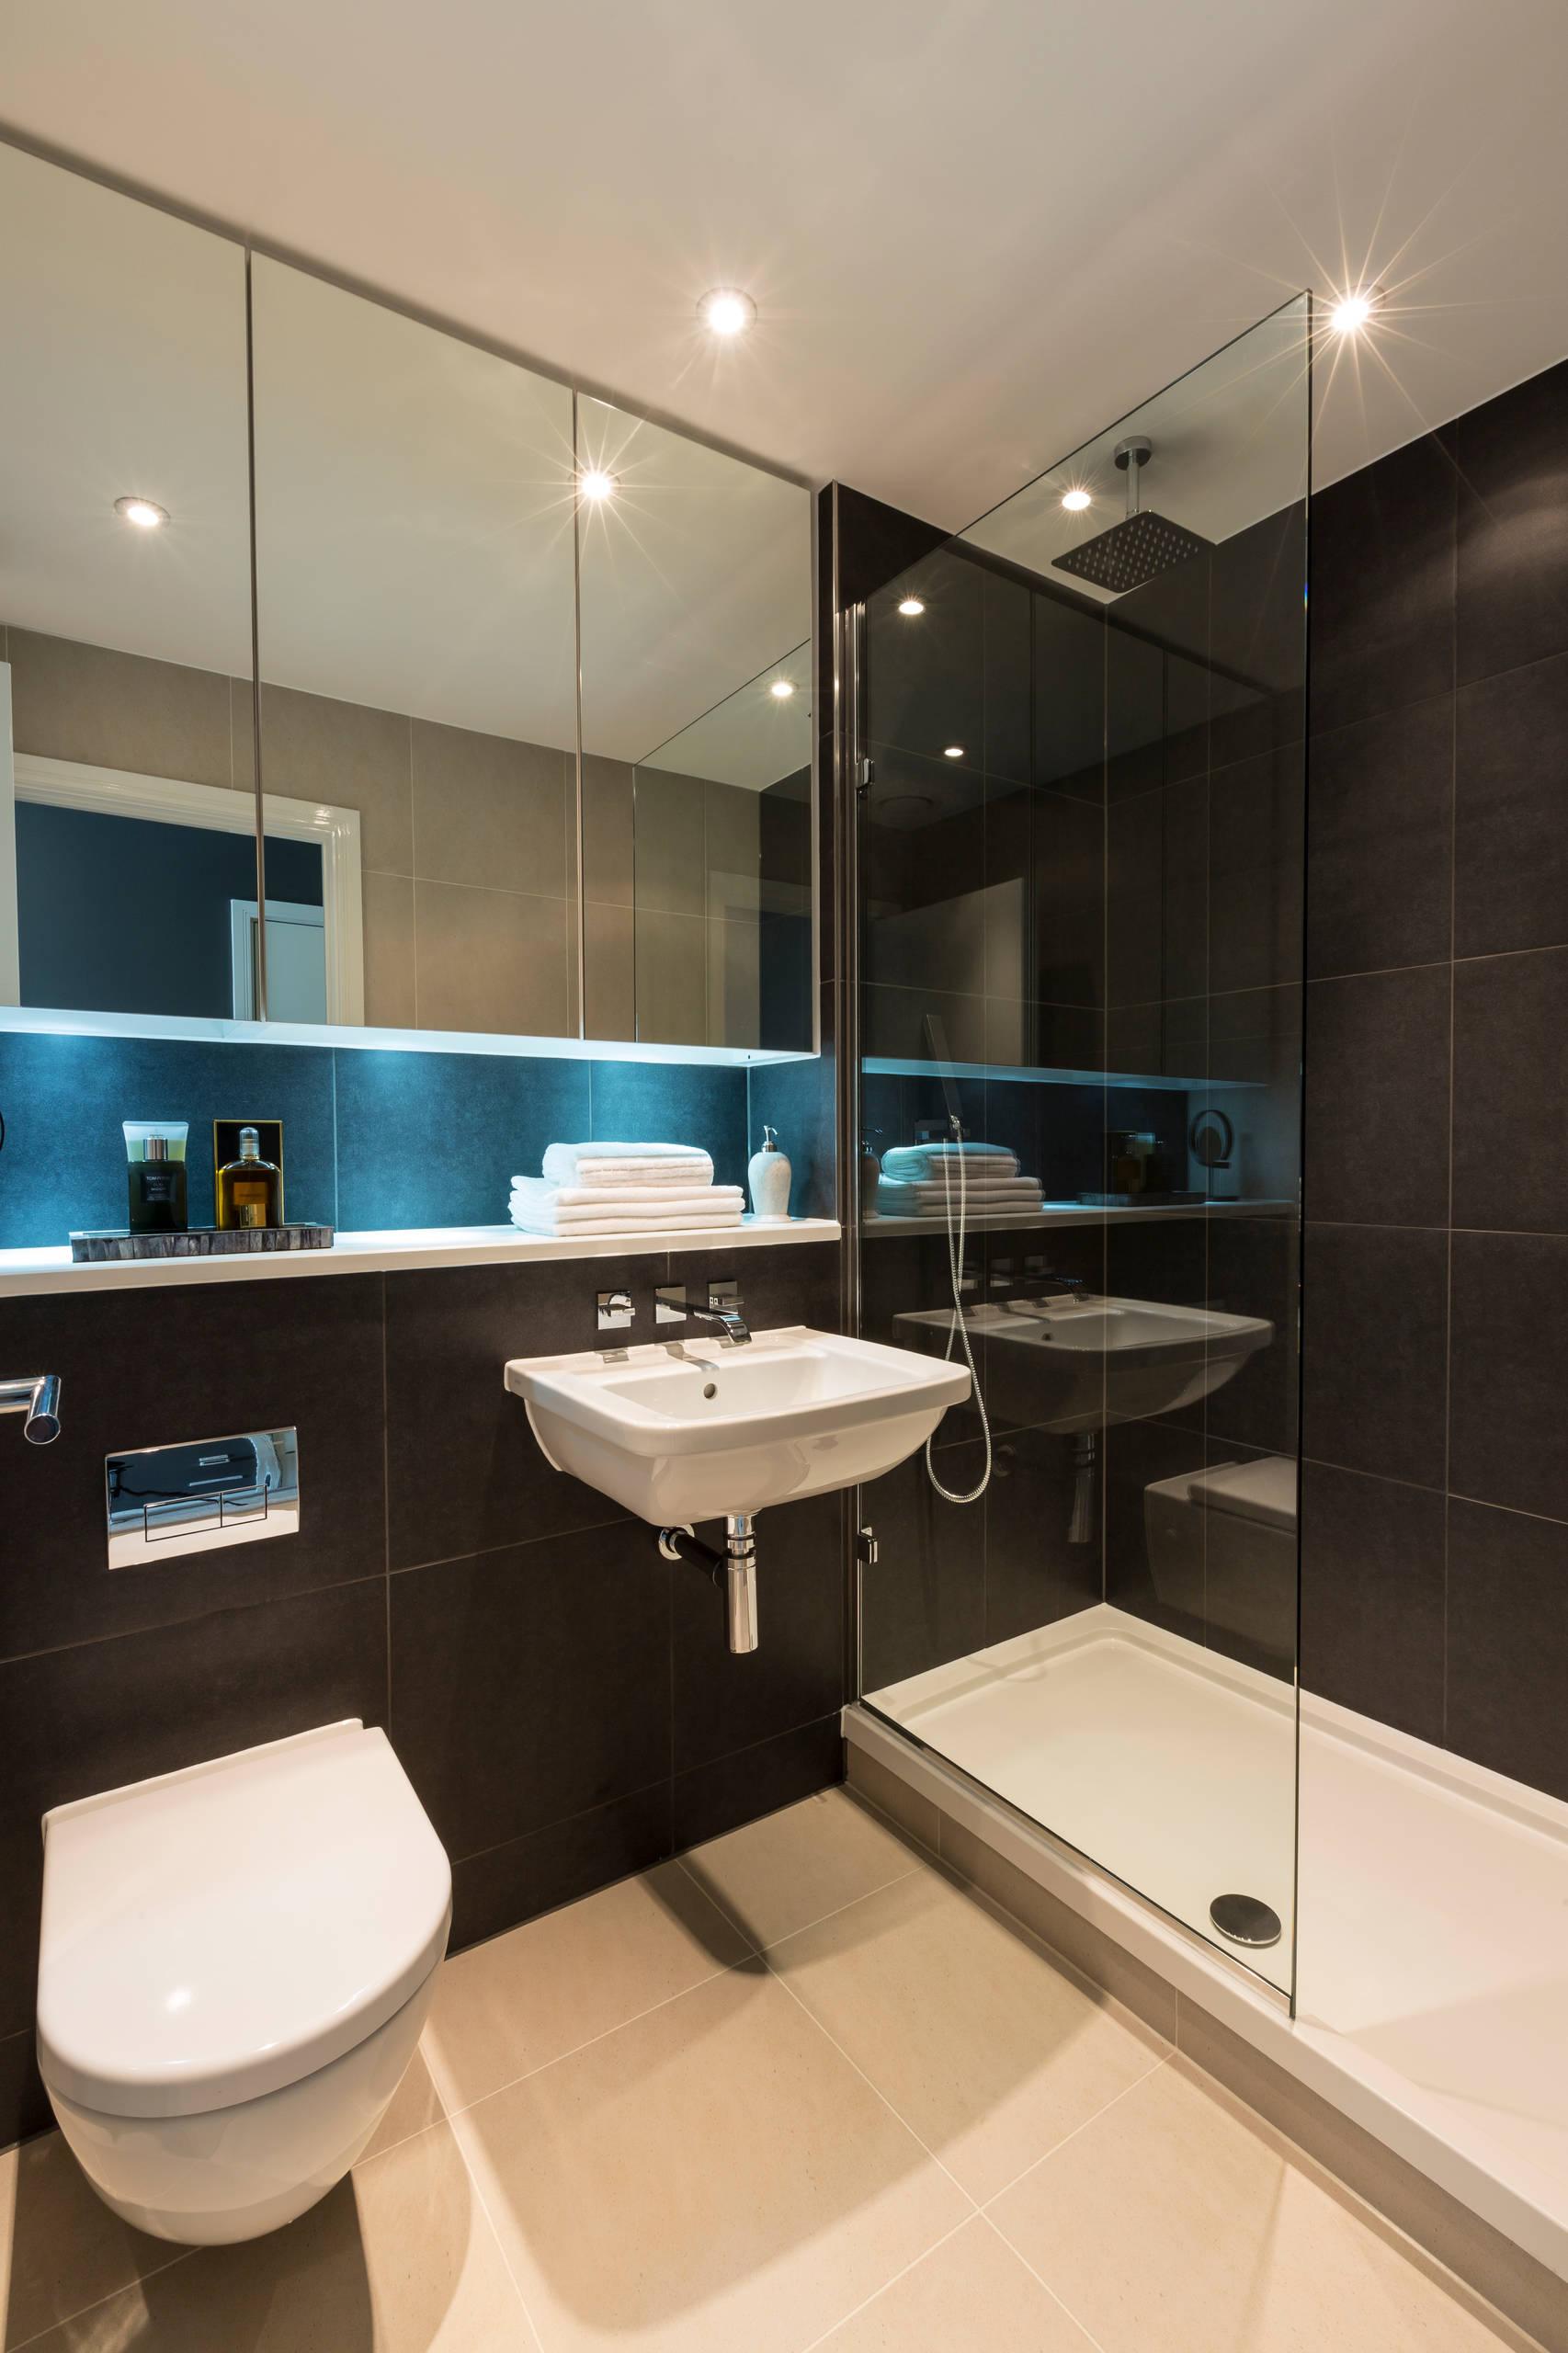 Ванная комната в современном стиле. Подсветка под зеркальным шкафчиком